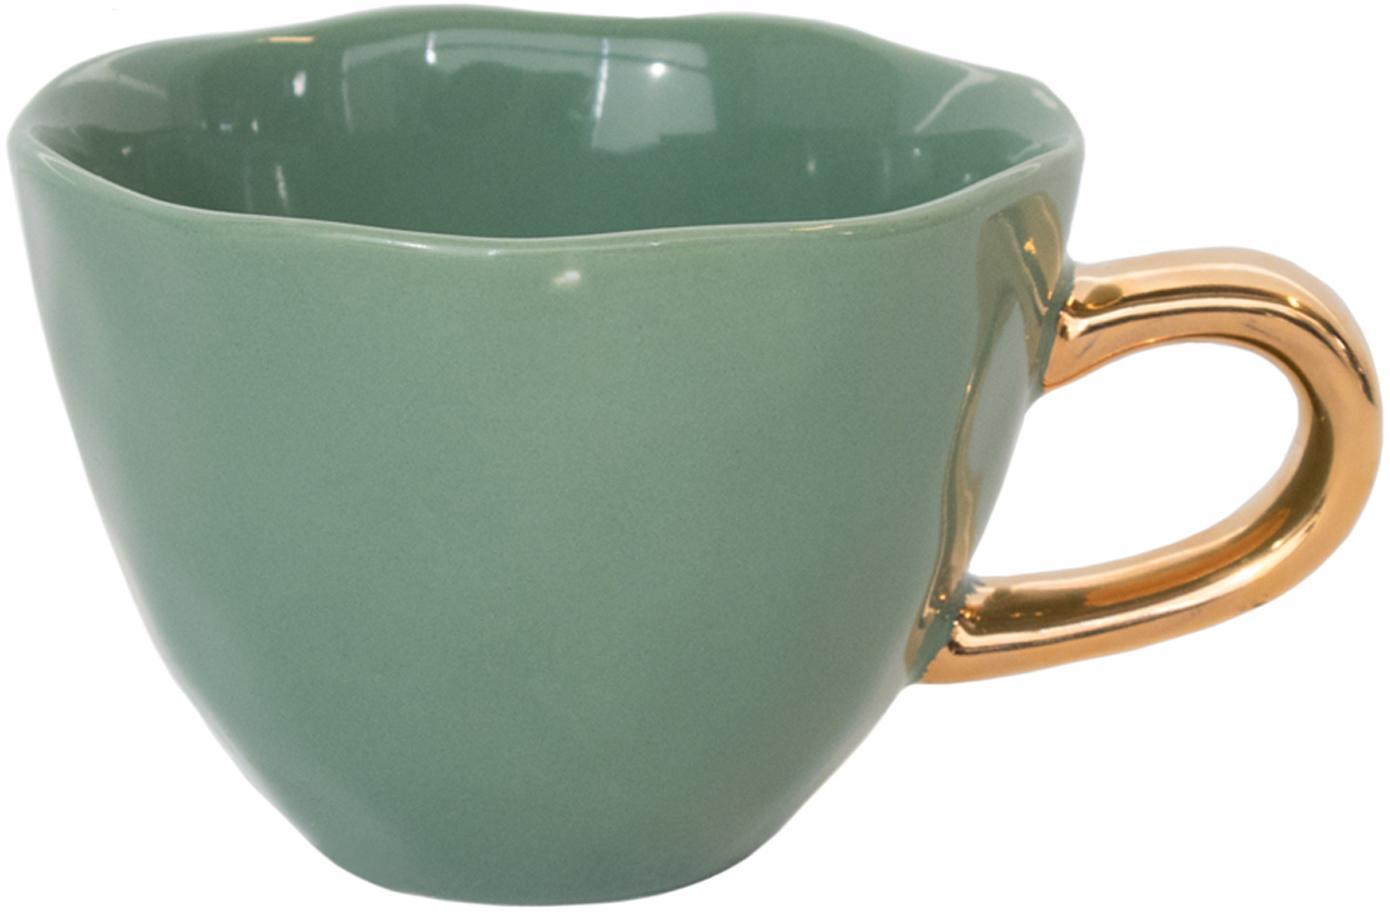 Tazza con manico dorato Good Morning, Terracotta, Verde scuro, dorato, Ø 11 x Alt. 8 cm